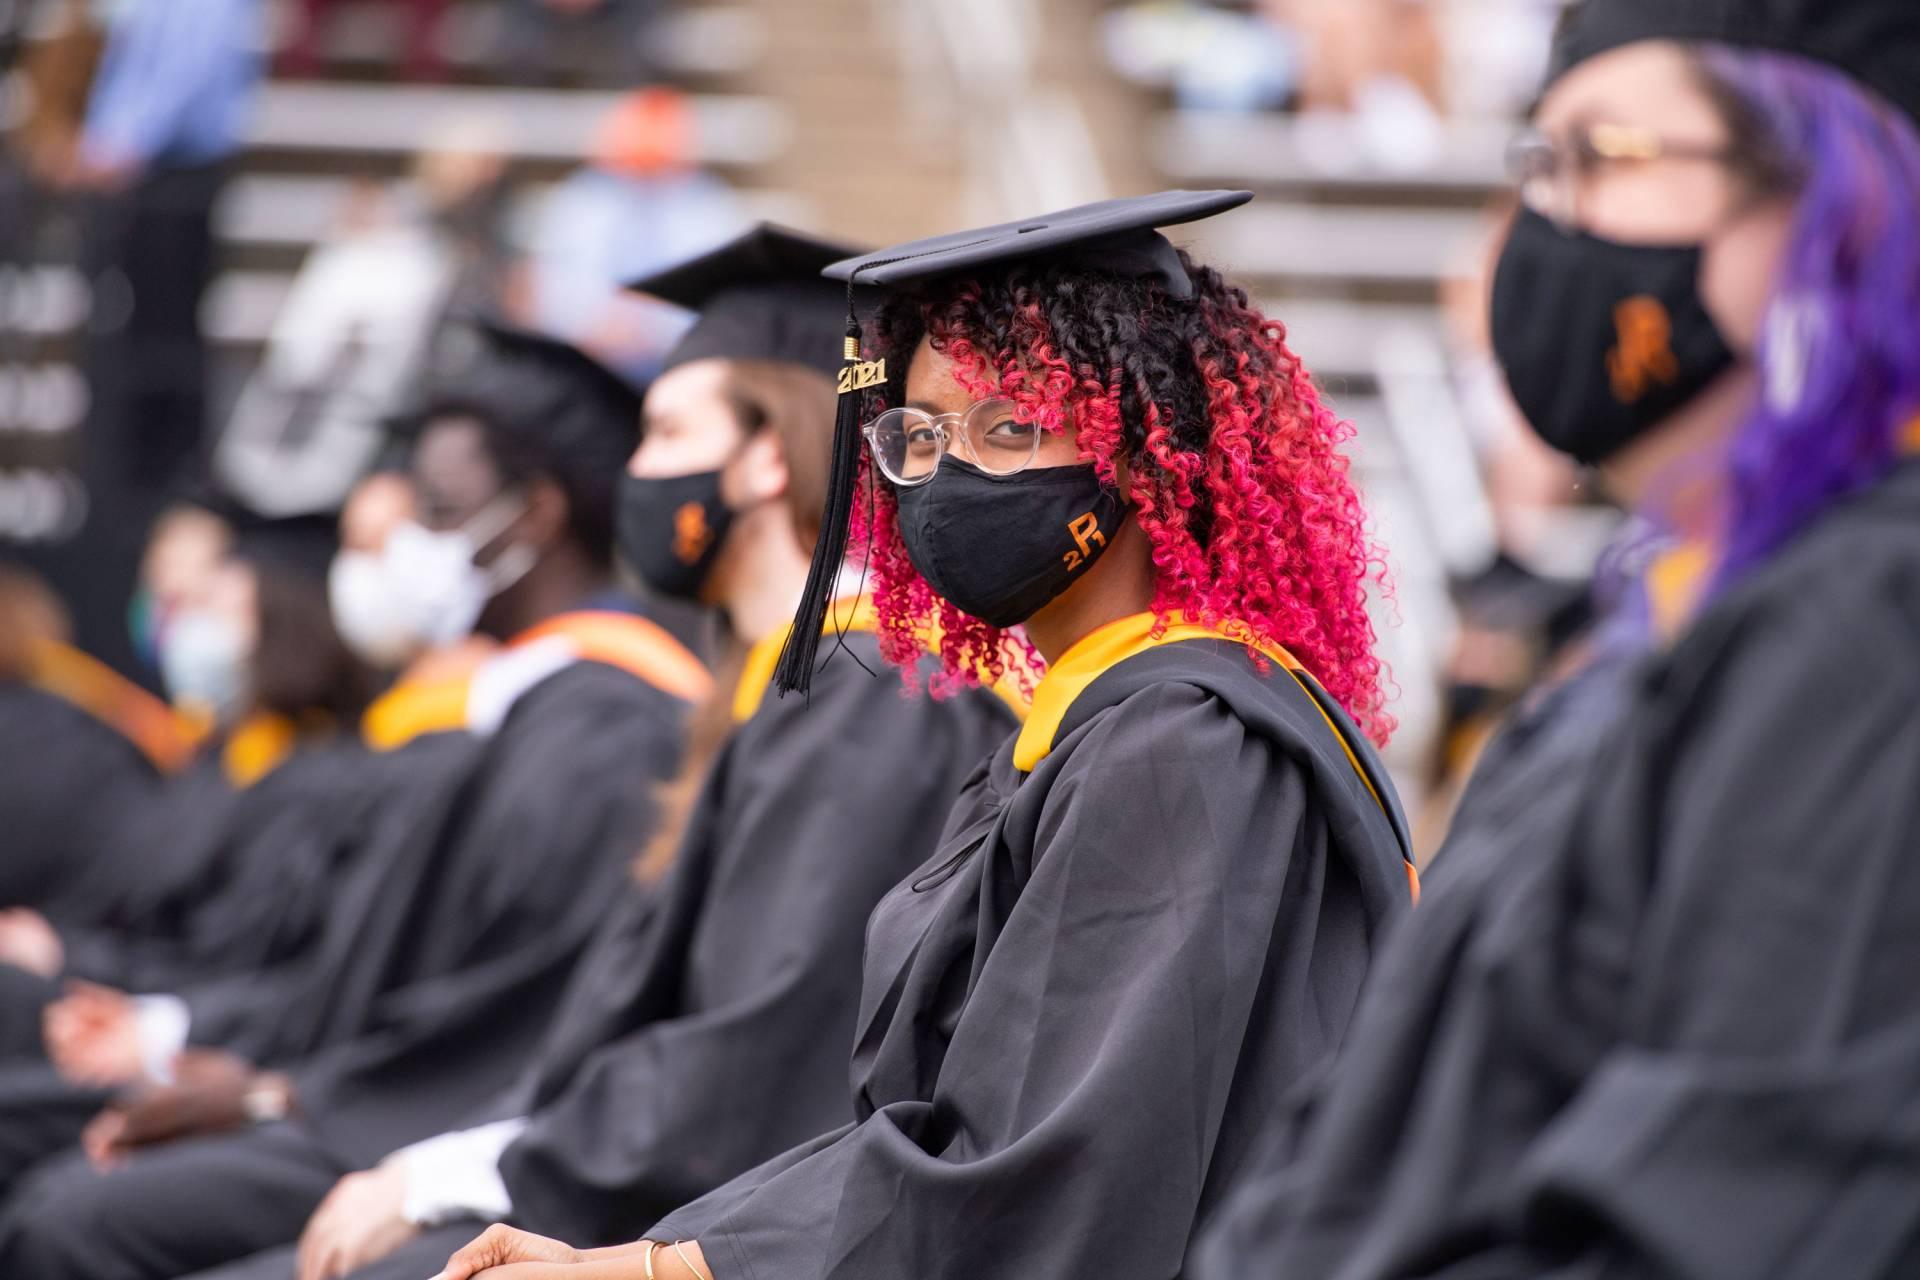 Undergraduates sit at their places in the stadium